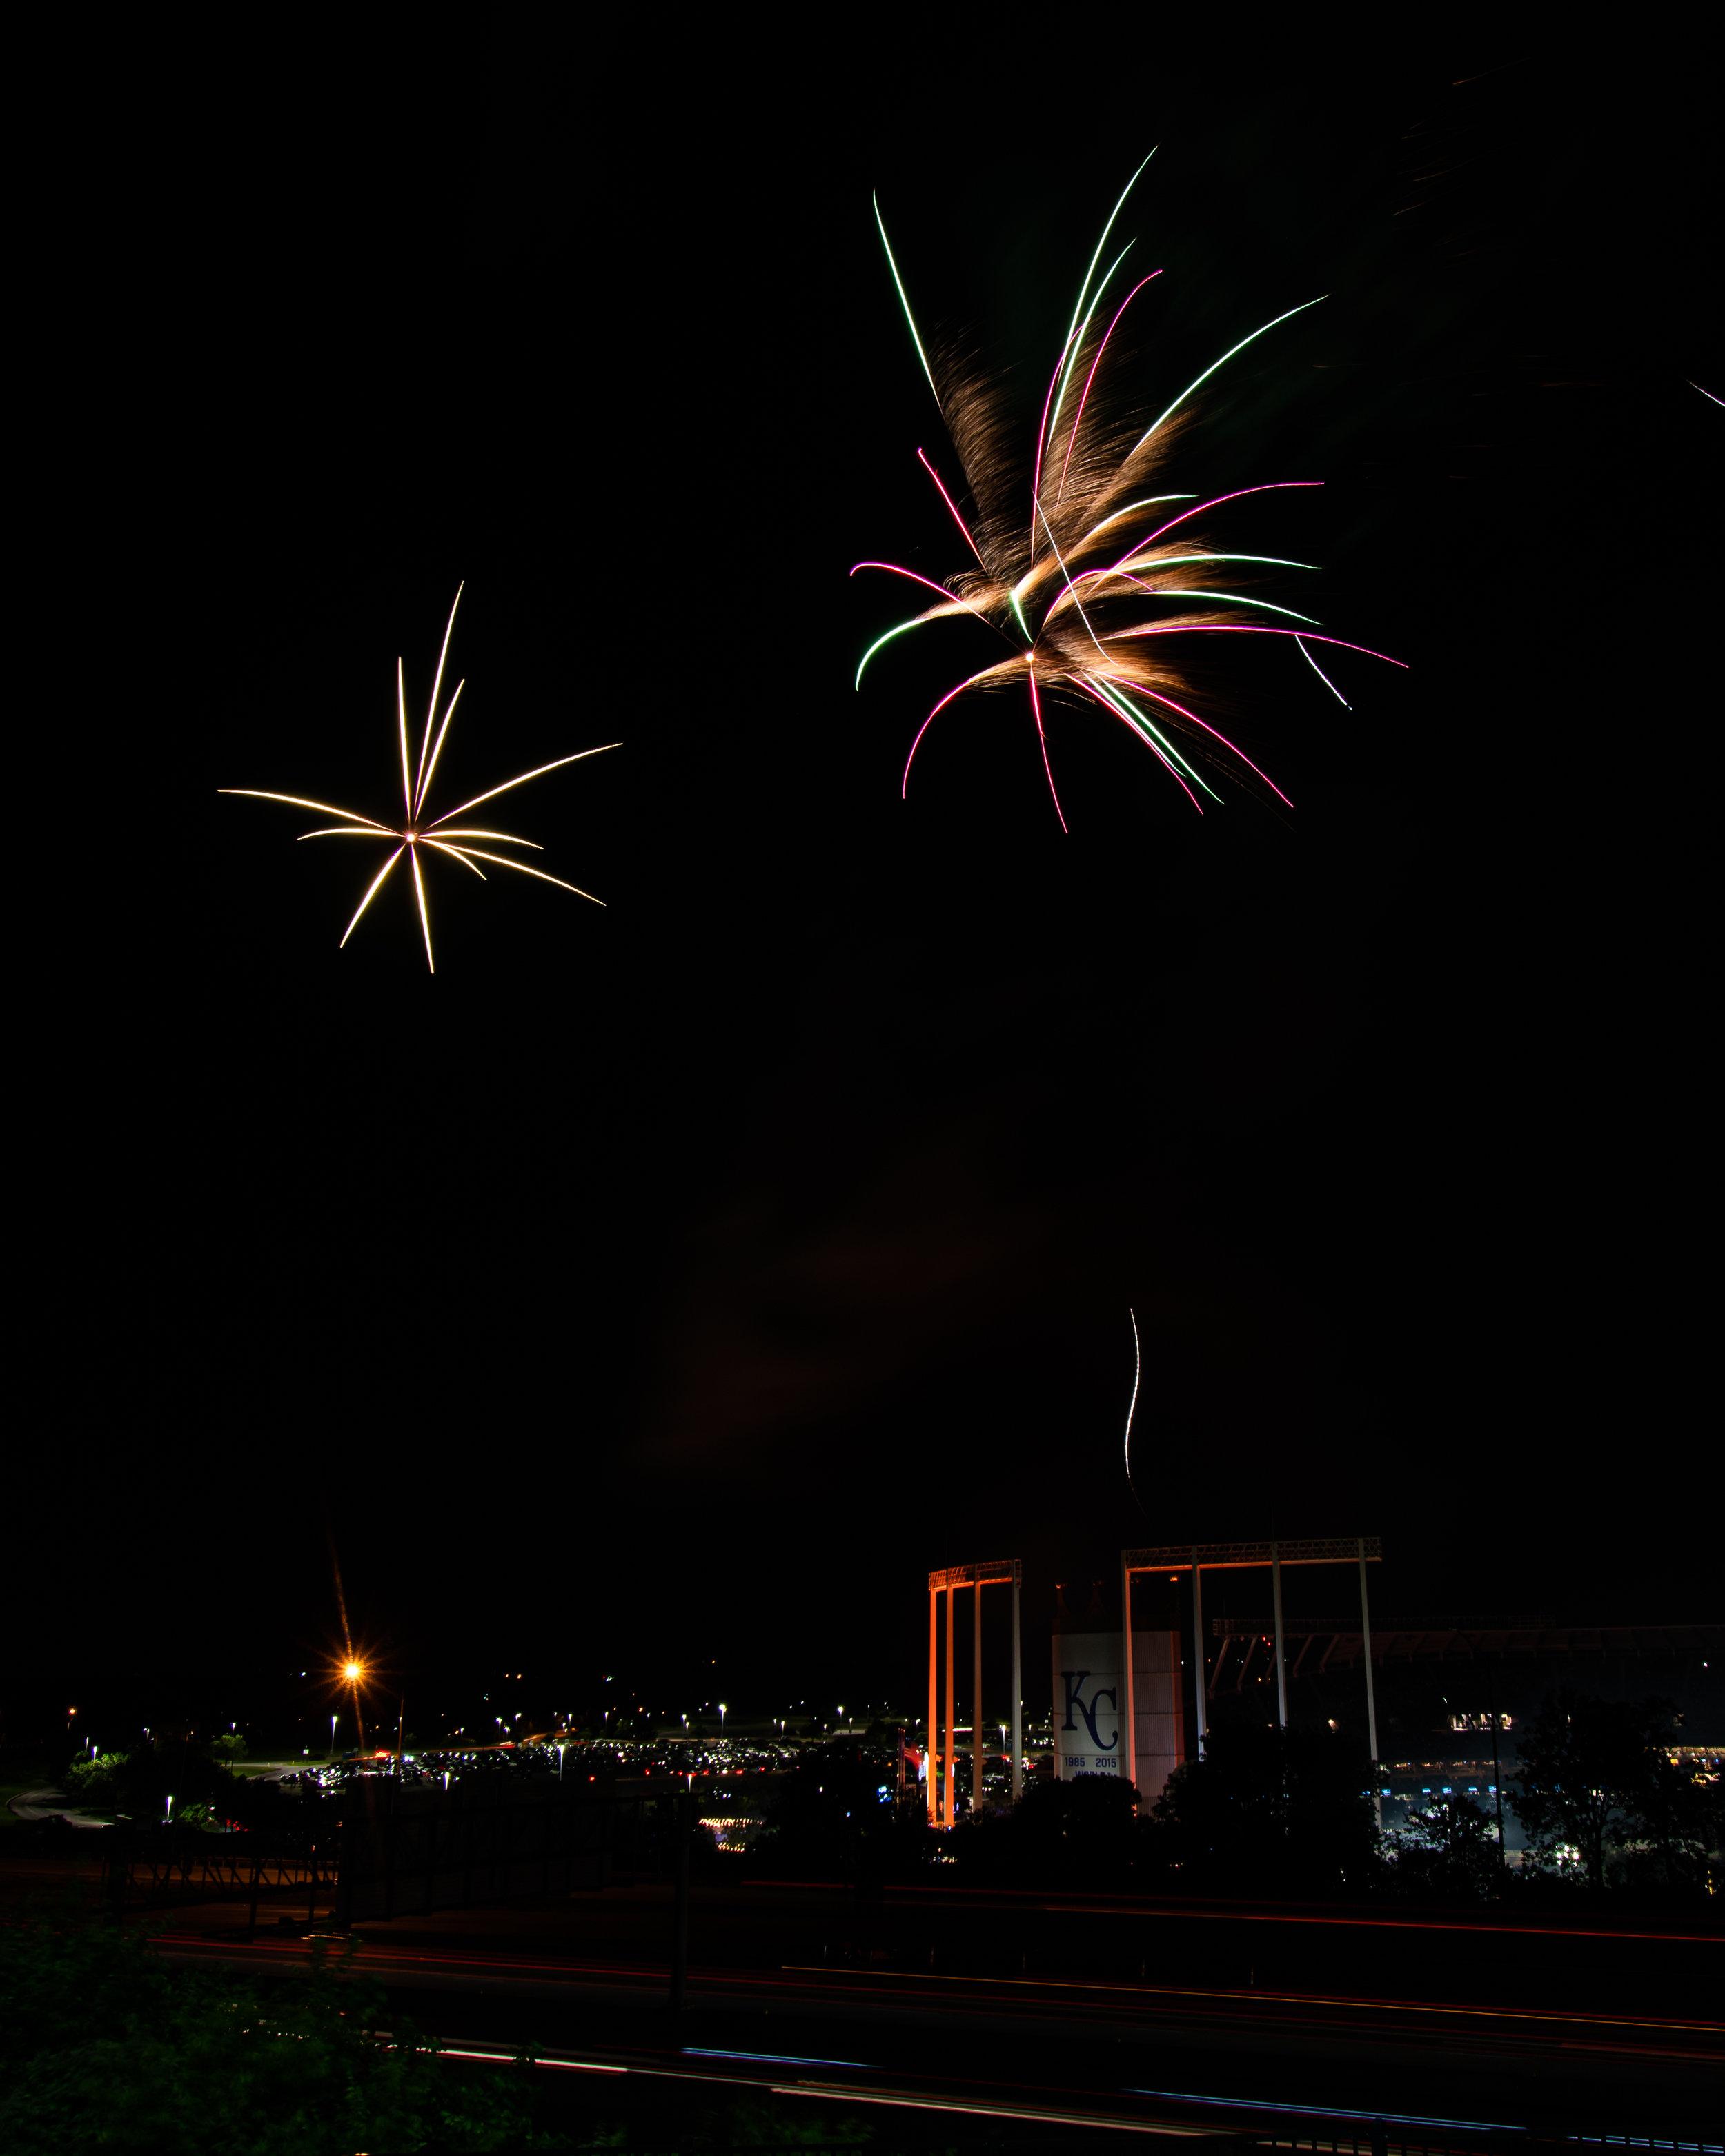 firework-friday-24-of-51_48108387662_o.jpg